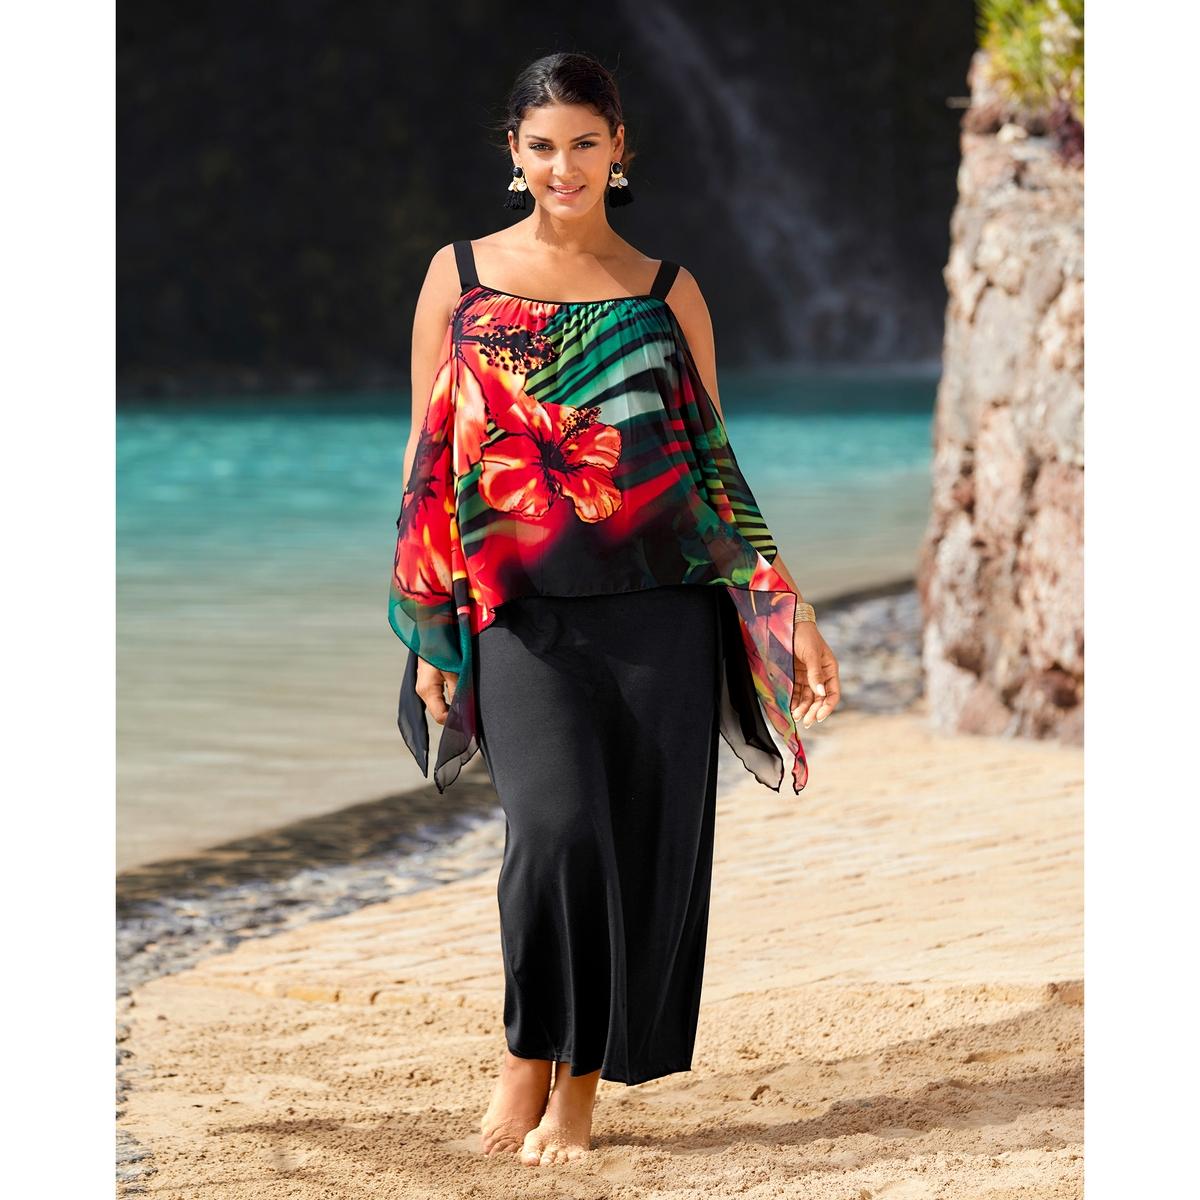 Платье пляжноеПляжное платье ULLA POPKEN. Длинное платье без рукавов из непрозрачного джерси. Верх из вуали, приспущенные плечи, экзотический рисунок яркой расцветки спереди. Верх: 100% полиэстер. Длина . 130 см<br><br>Цвет: разноцветный<br>Размер: 58 (FR) - 64 (RUS)